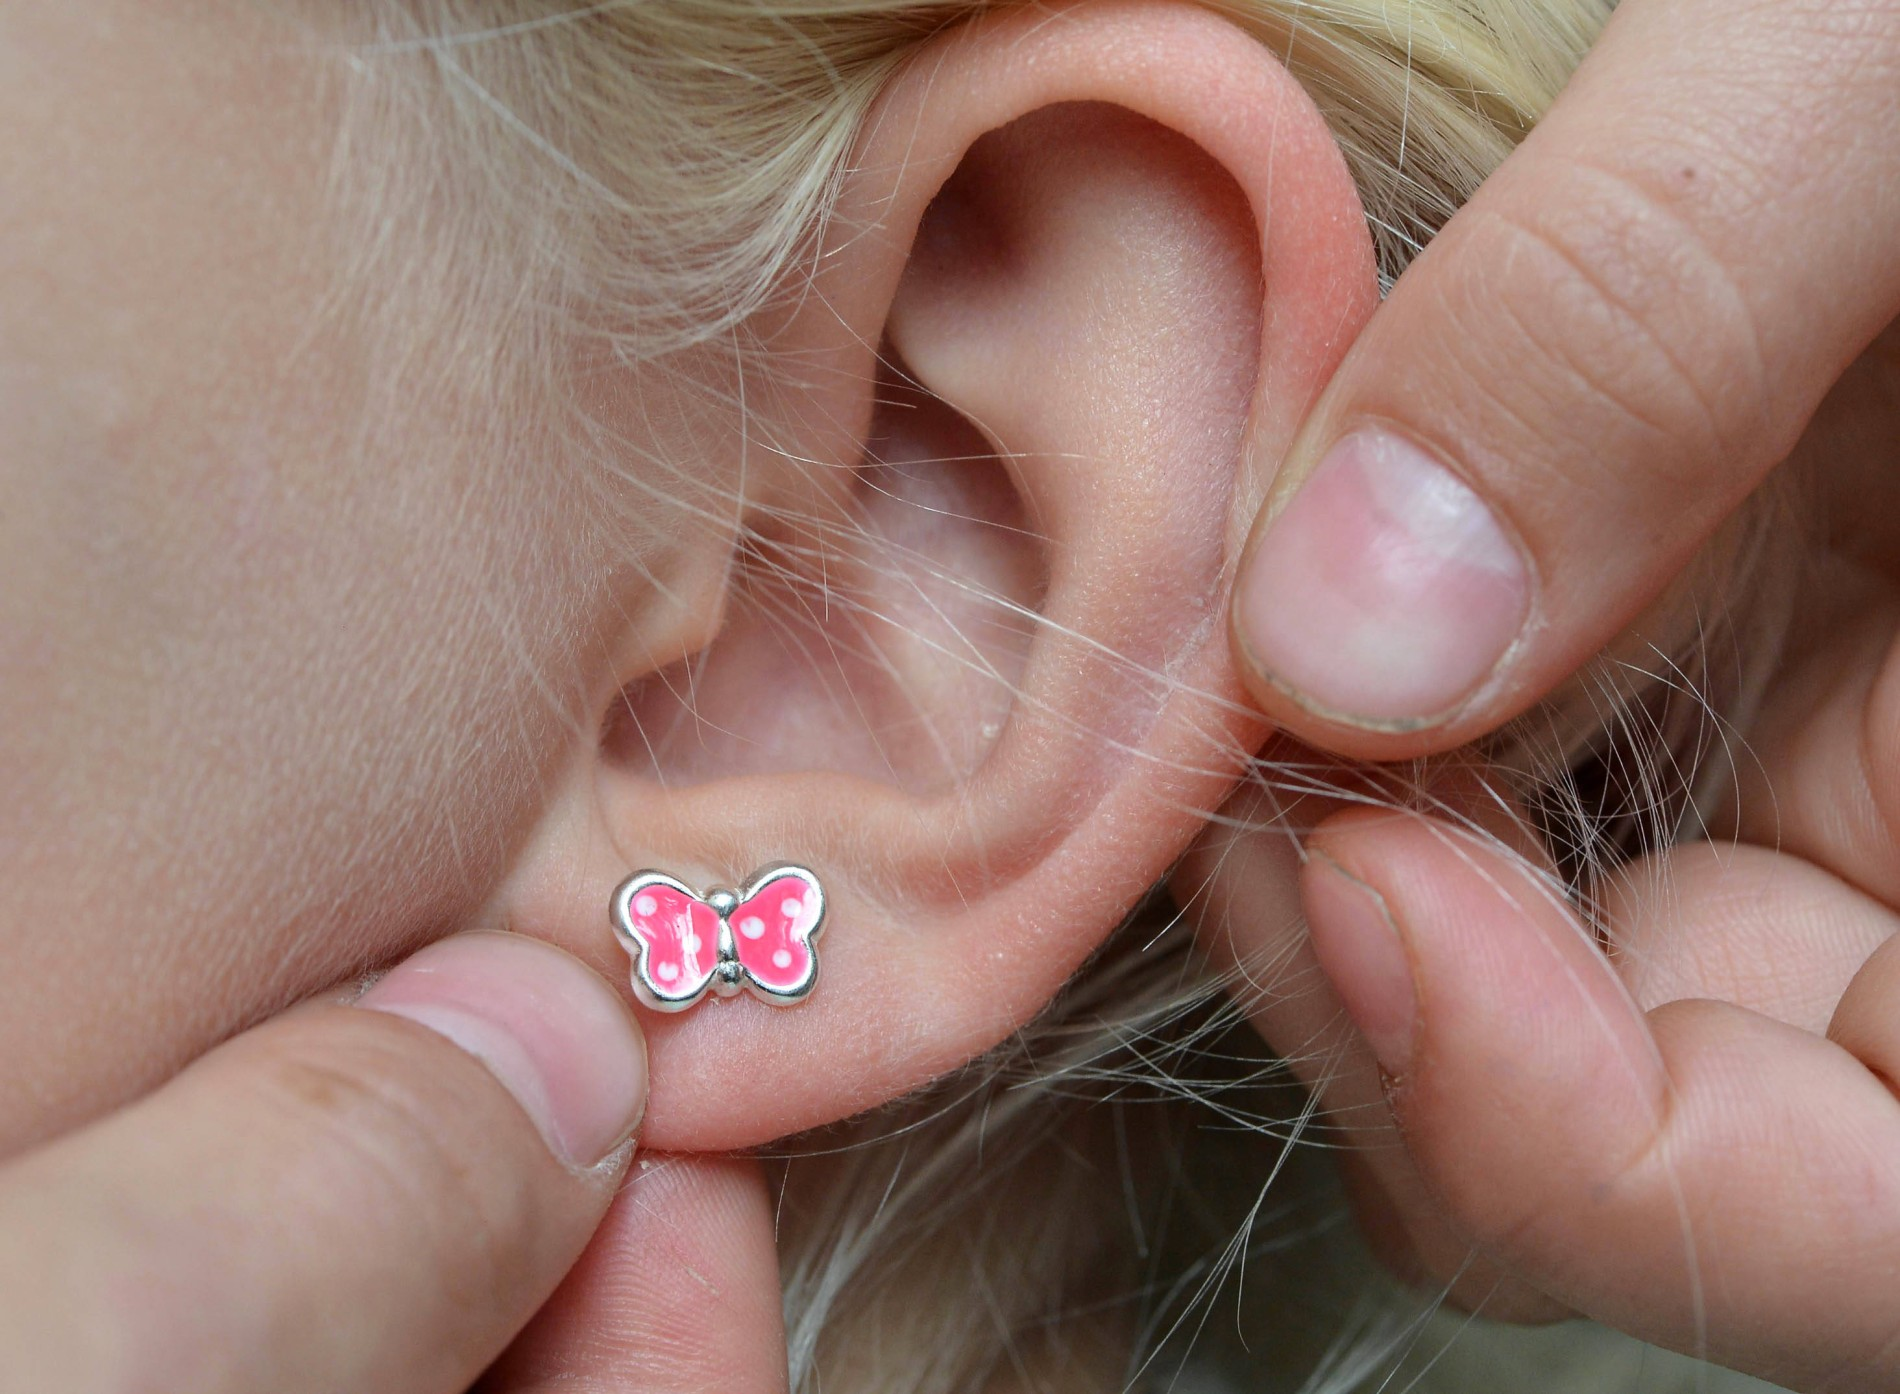 Löcher ohrringe 3 Ohrringe einstecken